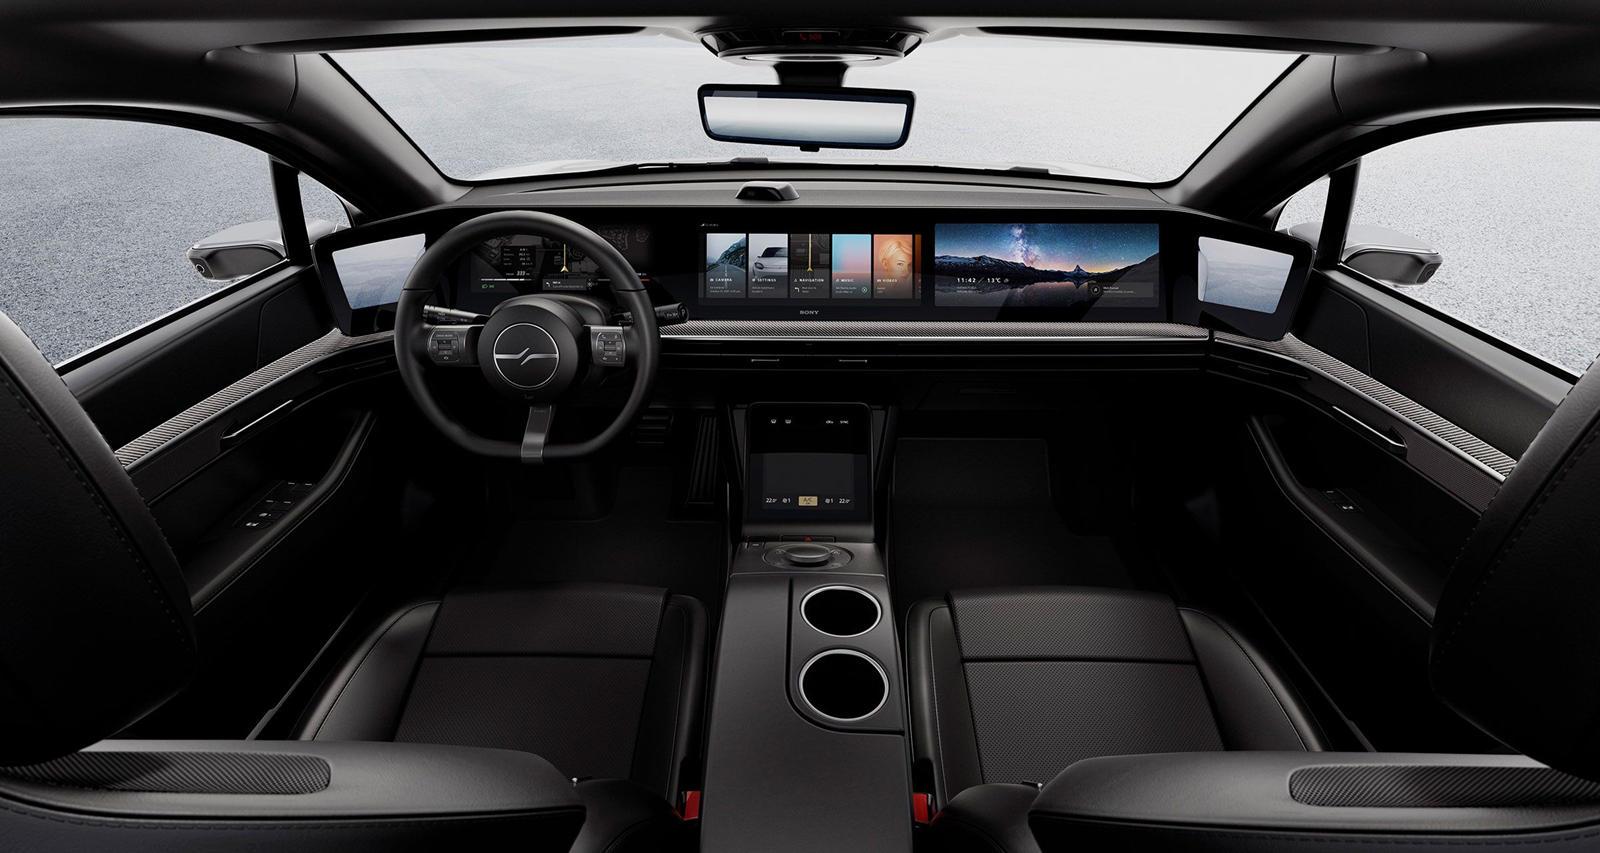 Что касается боевых снимков, дизайн концепта не изменился с тех пор, как мы впервые его увидели, поэтому снимки Vision-S на дороге в Европе просто показывают, что это полностью функционирующий прототип. Sony не разглашает, изменились ли спецификации,